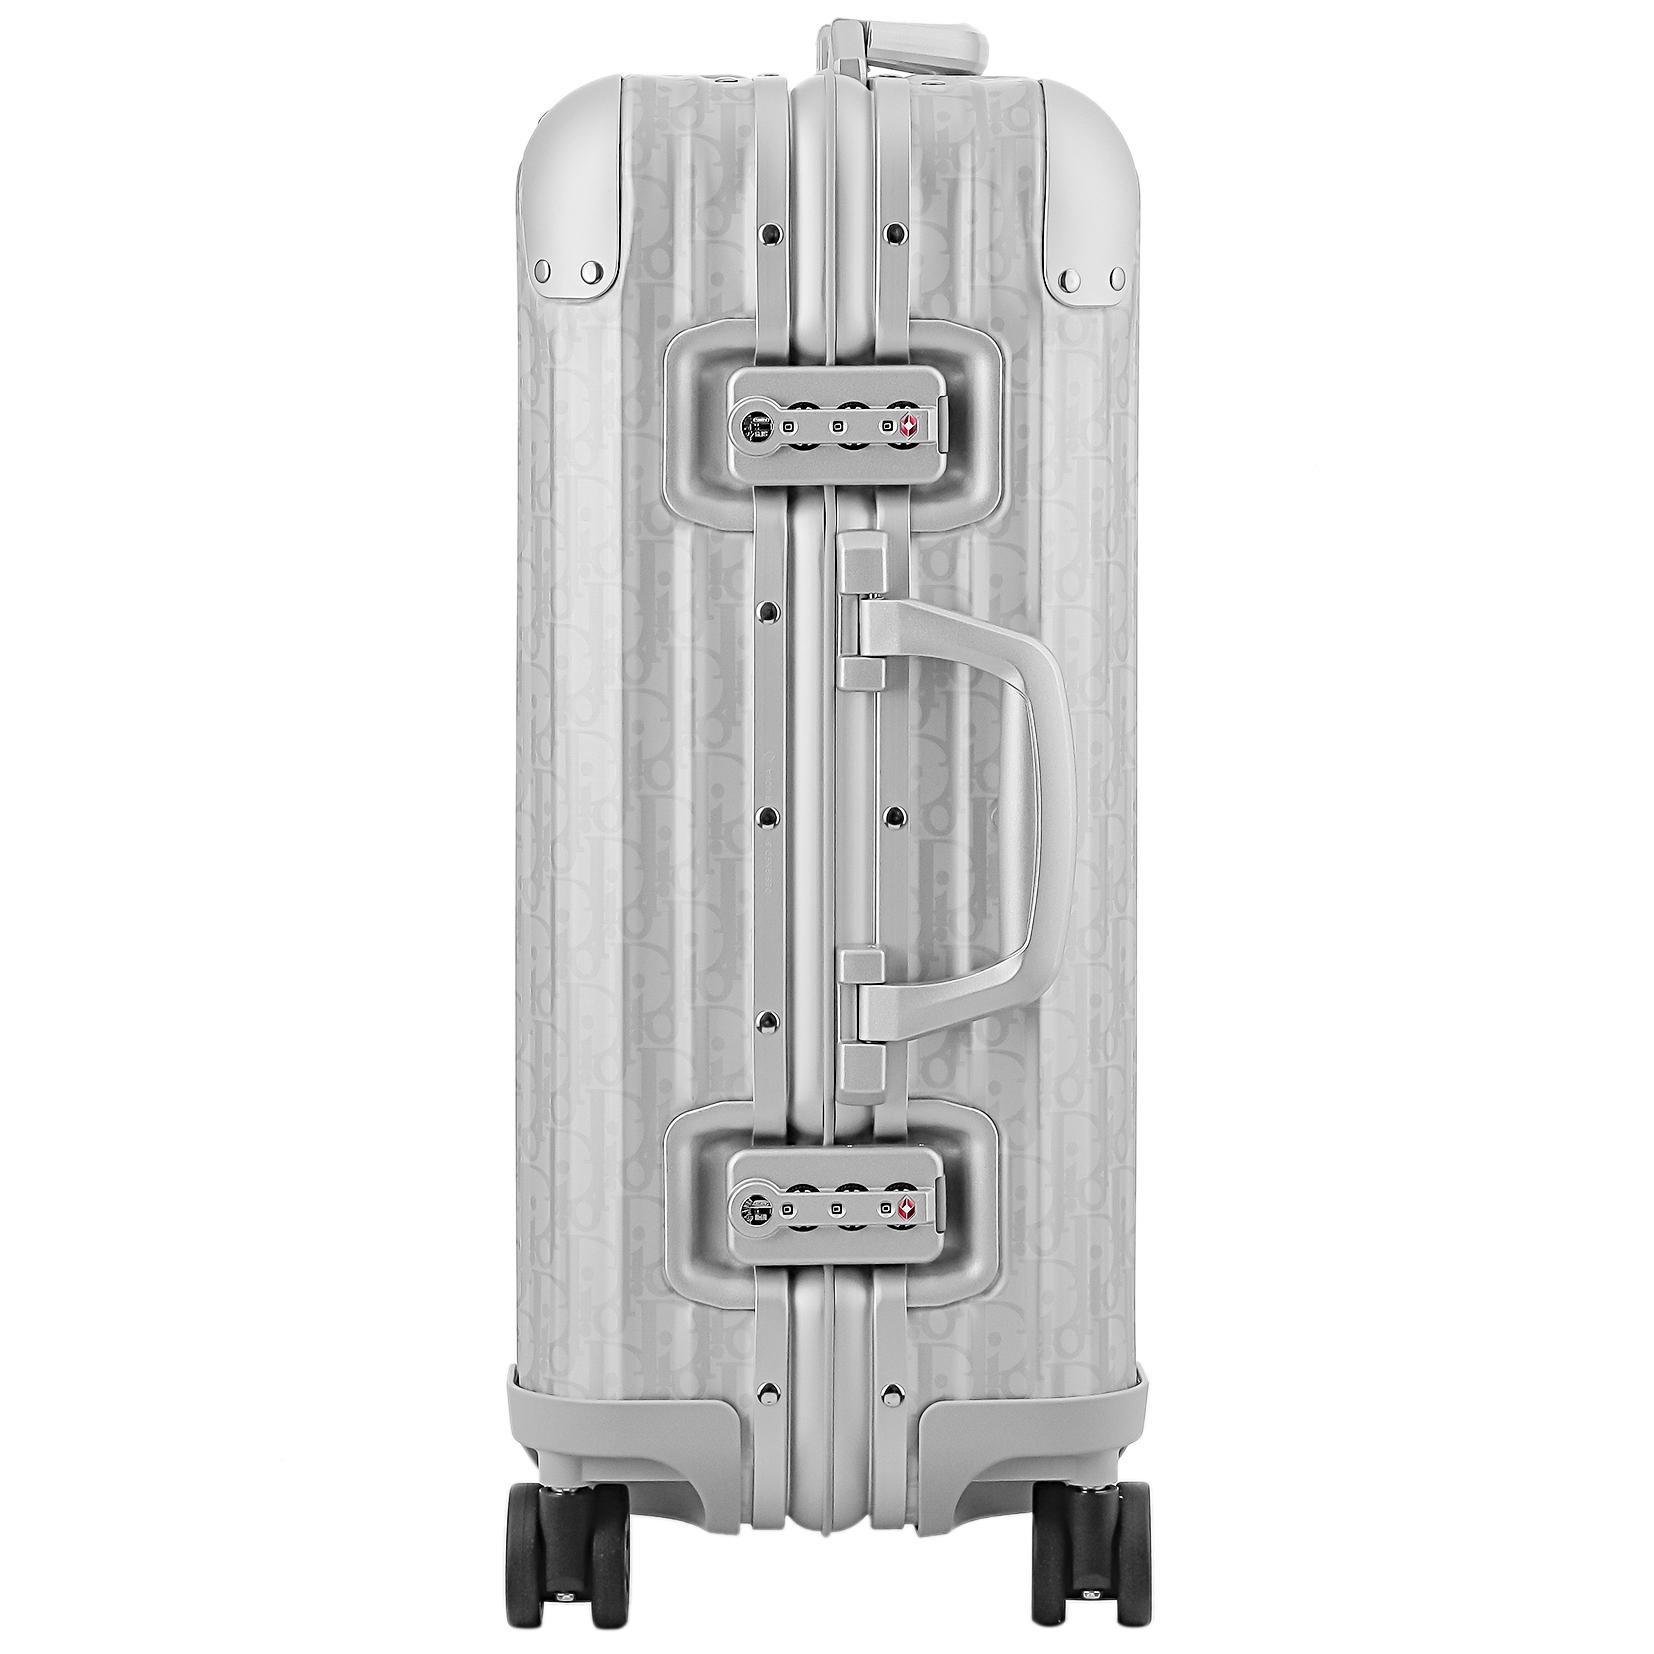 【お取り寄せ】【送料無料】リモワ RIMOWA  ディオールアンドリモワ 【DIOR AND RIMOWA】 スーツケース キャビン 925.90.02.6 35L 4.3kg シルバー 2泊~3泊 TSAロック 機内持ち込み可